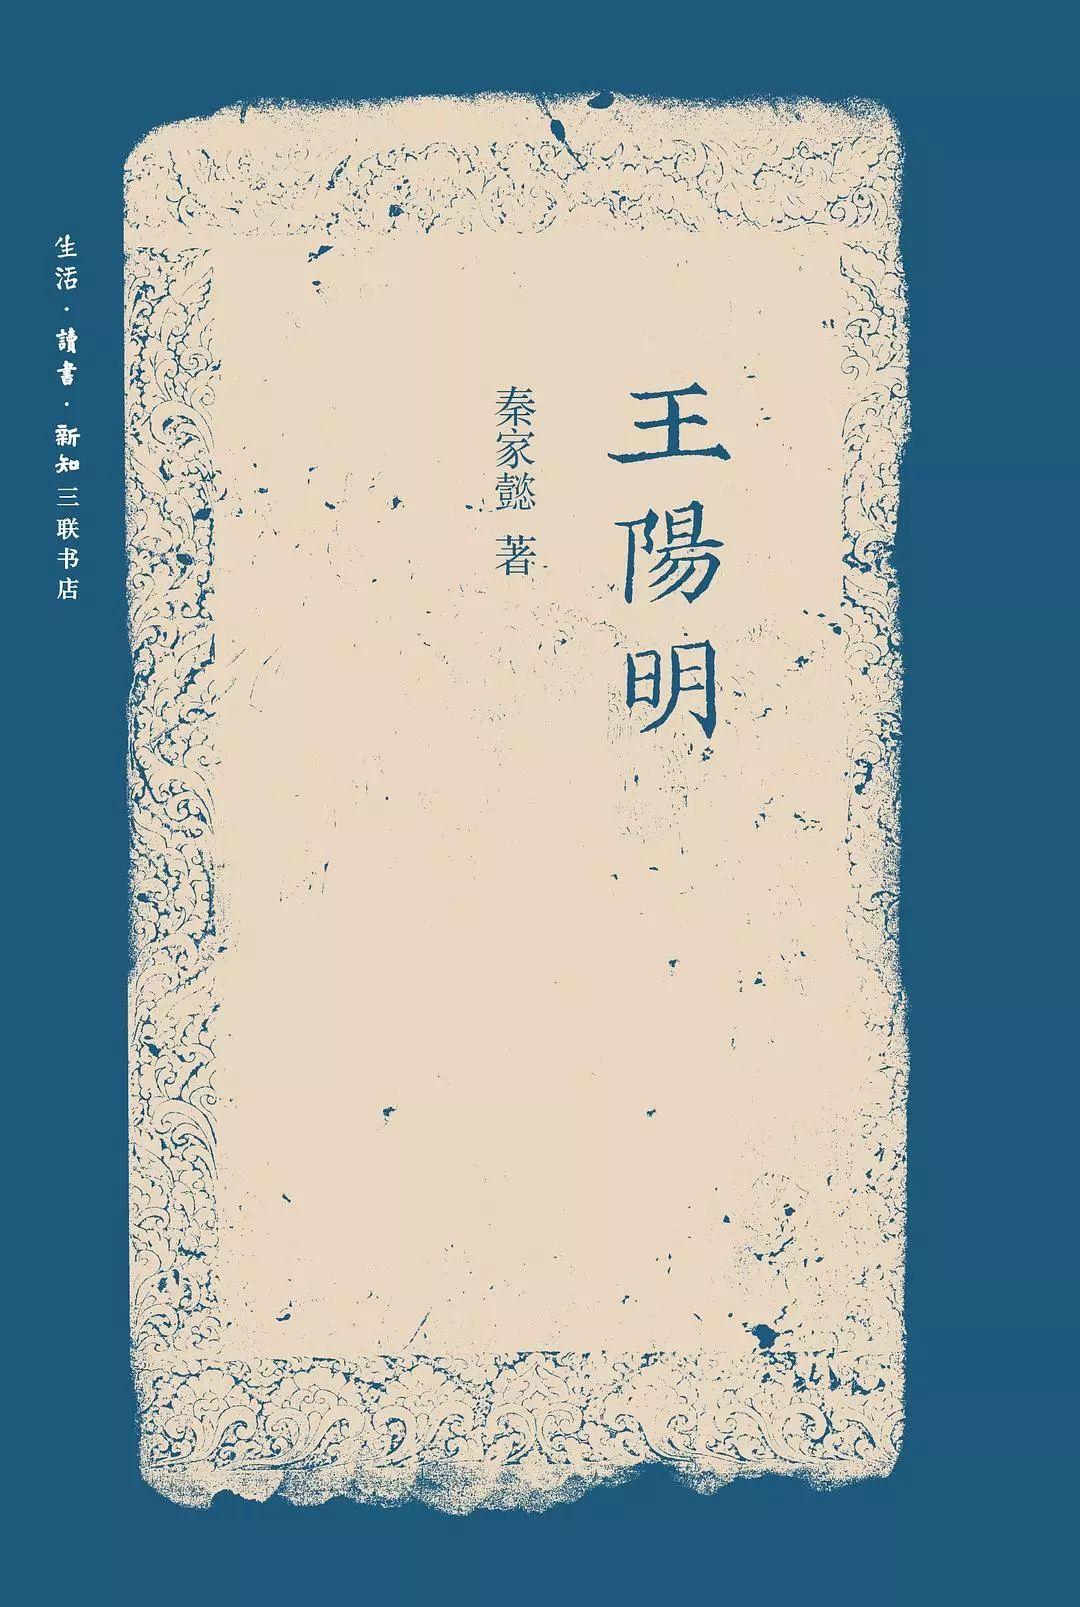 北京赛车pk10大群:在信息爆炸时代知识还是力量吗?